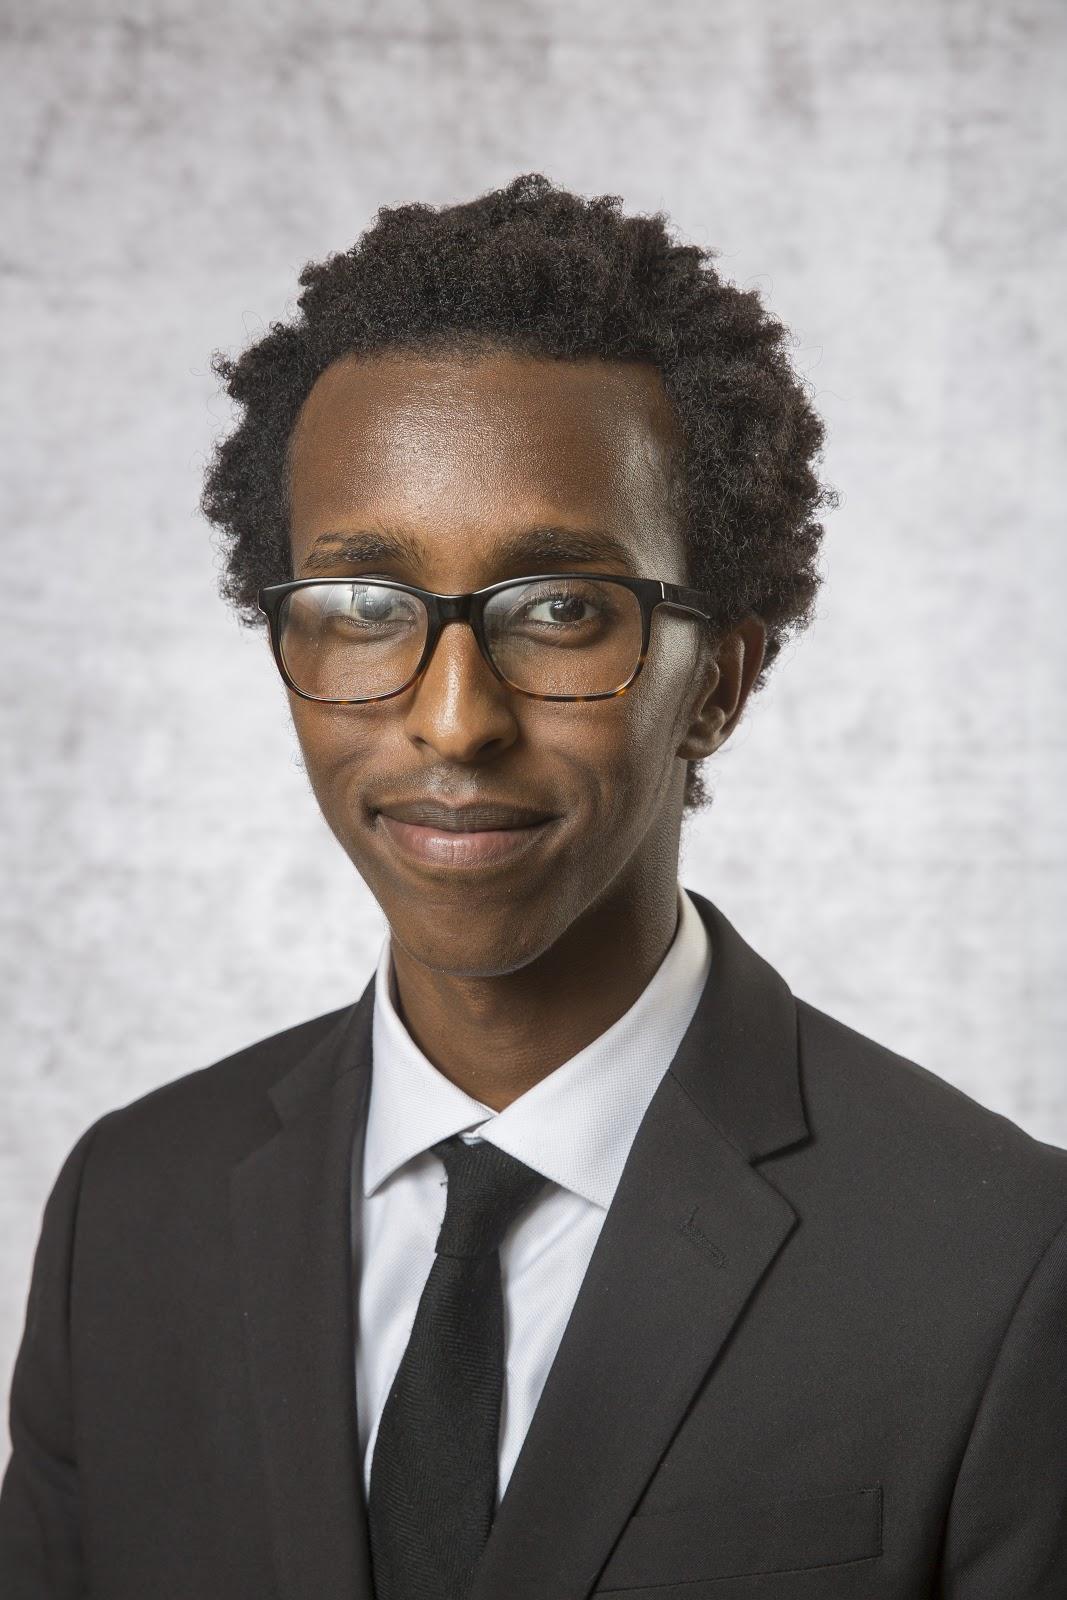 Mohammed Abdi